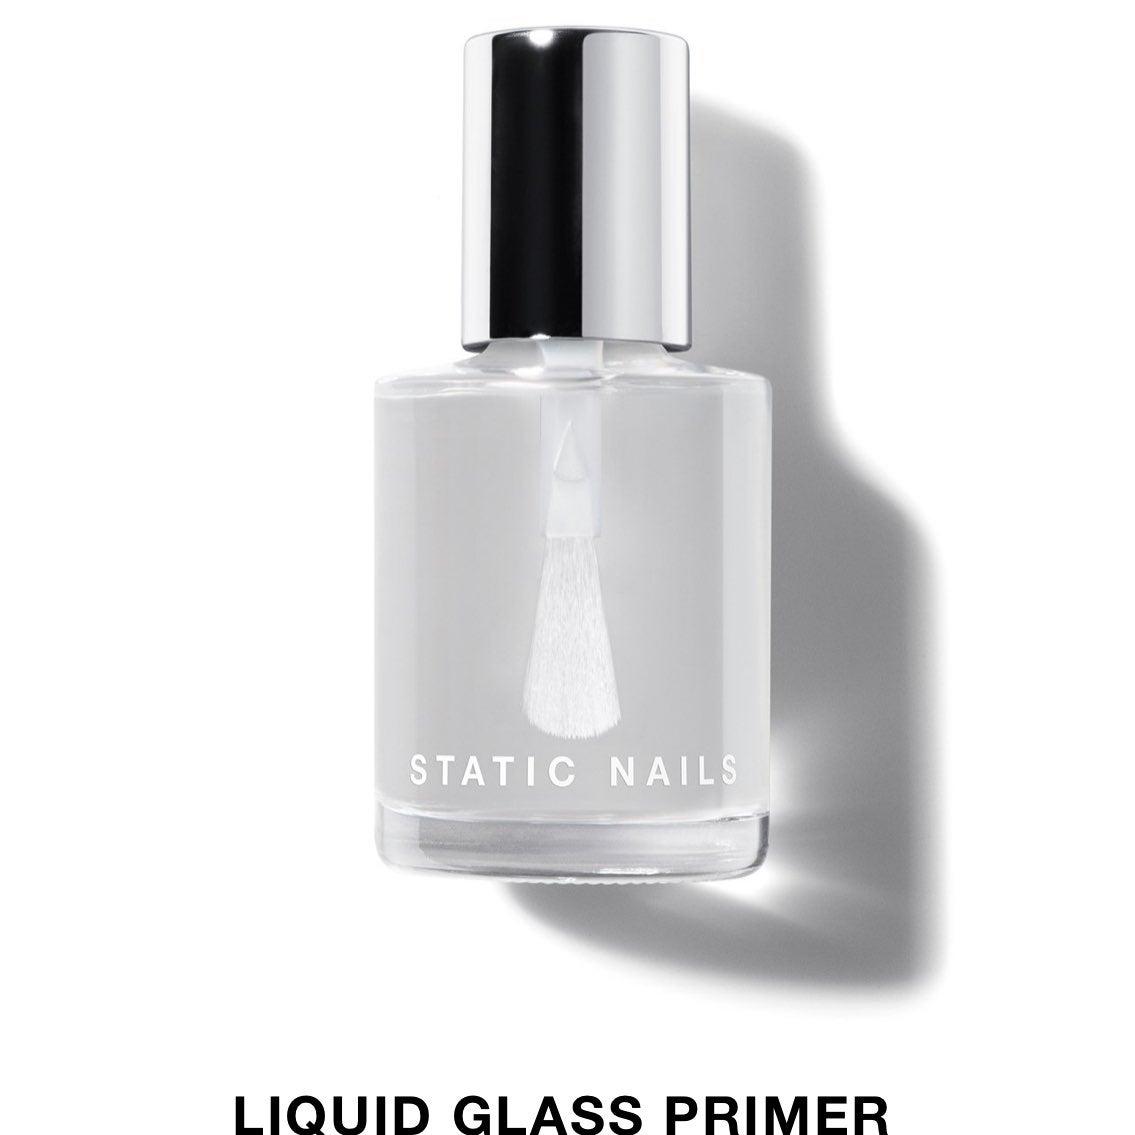 STATIC NAILS LIQUID GLASS NAIL PRIMER